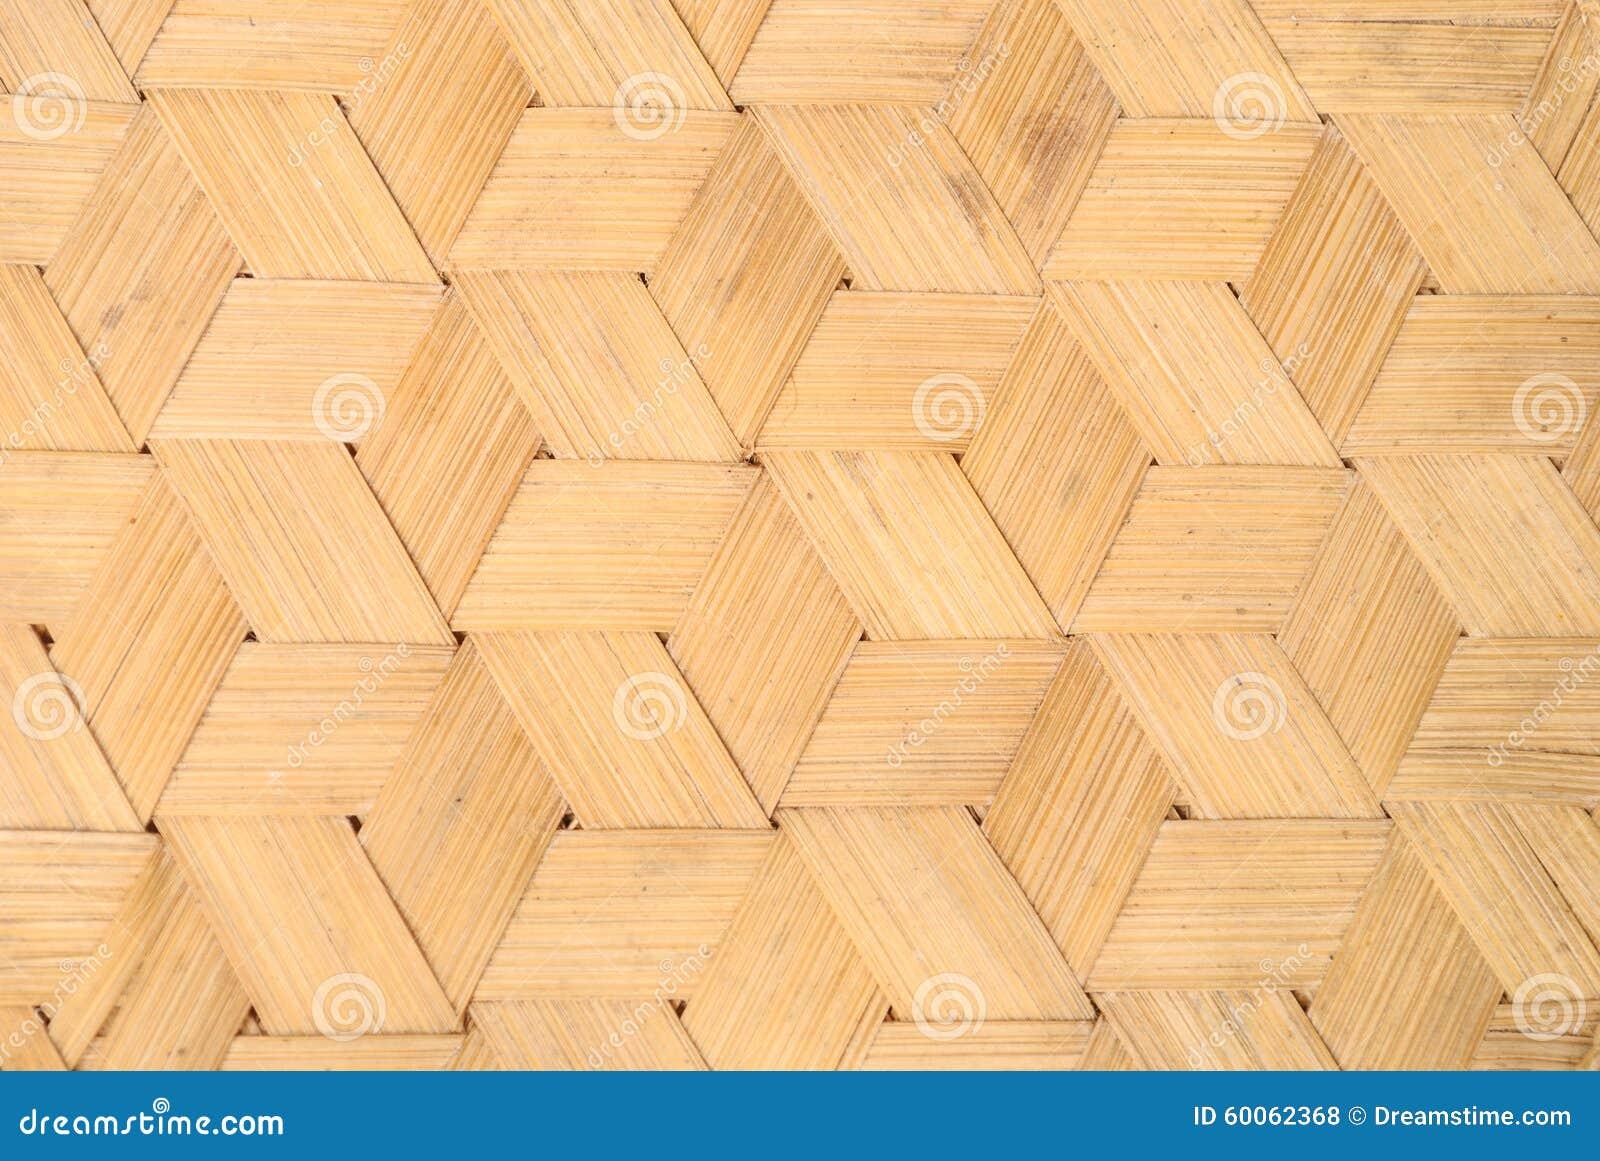 Textur av kratib